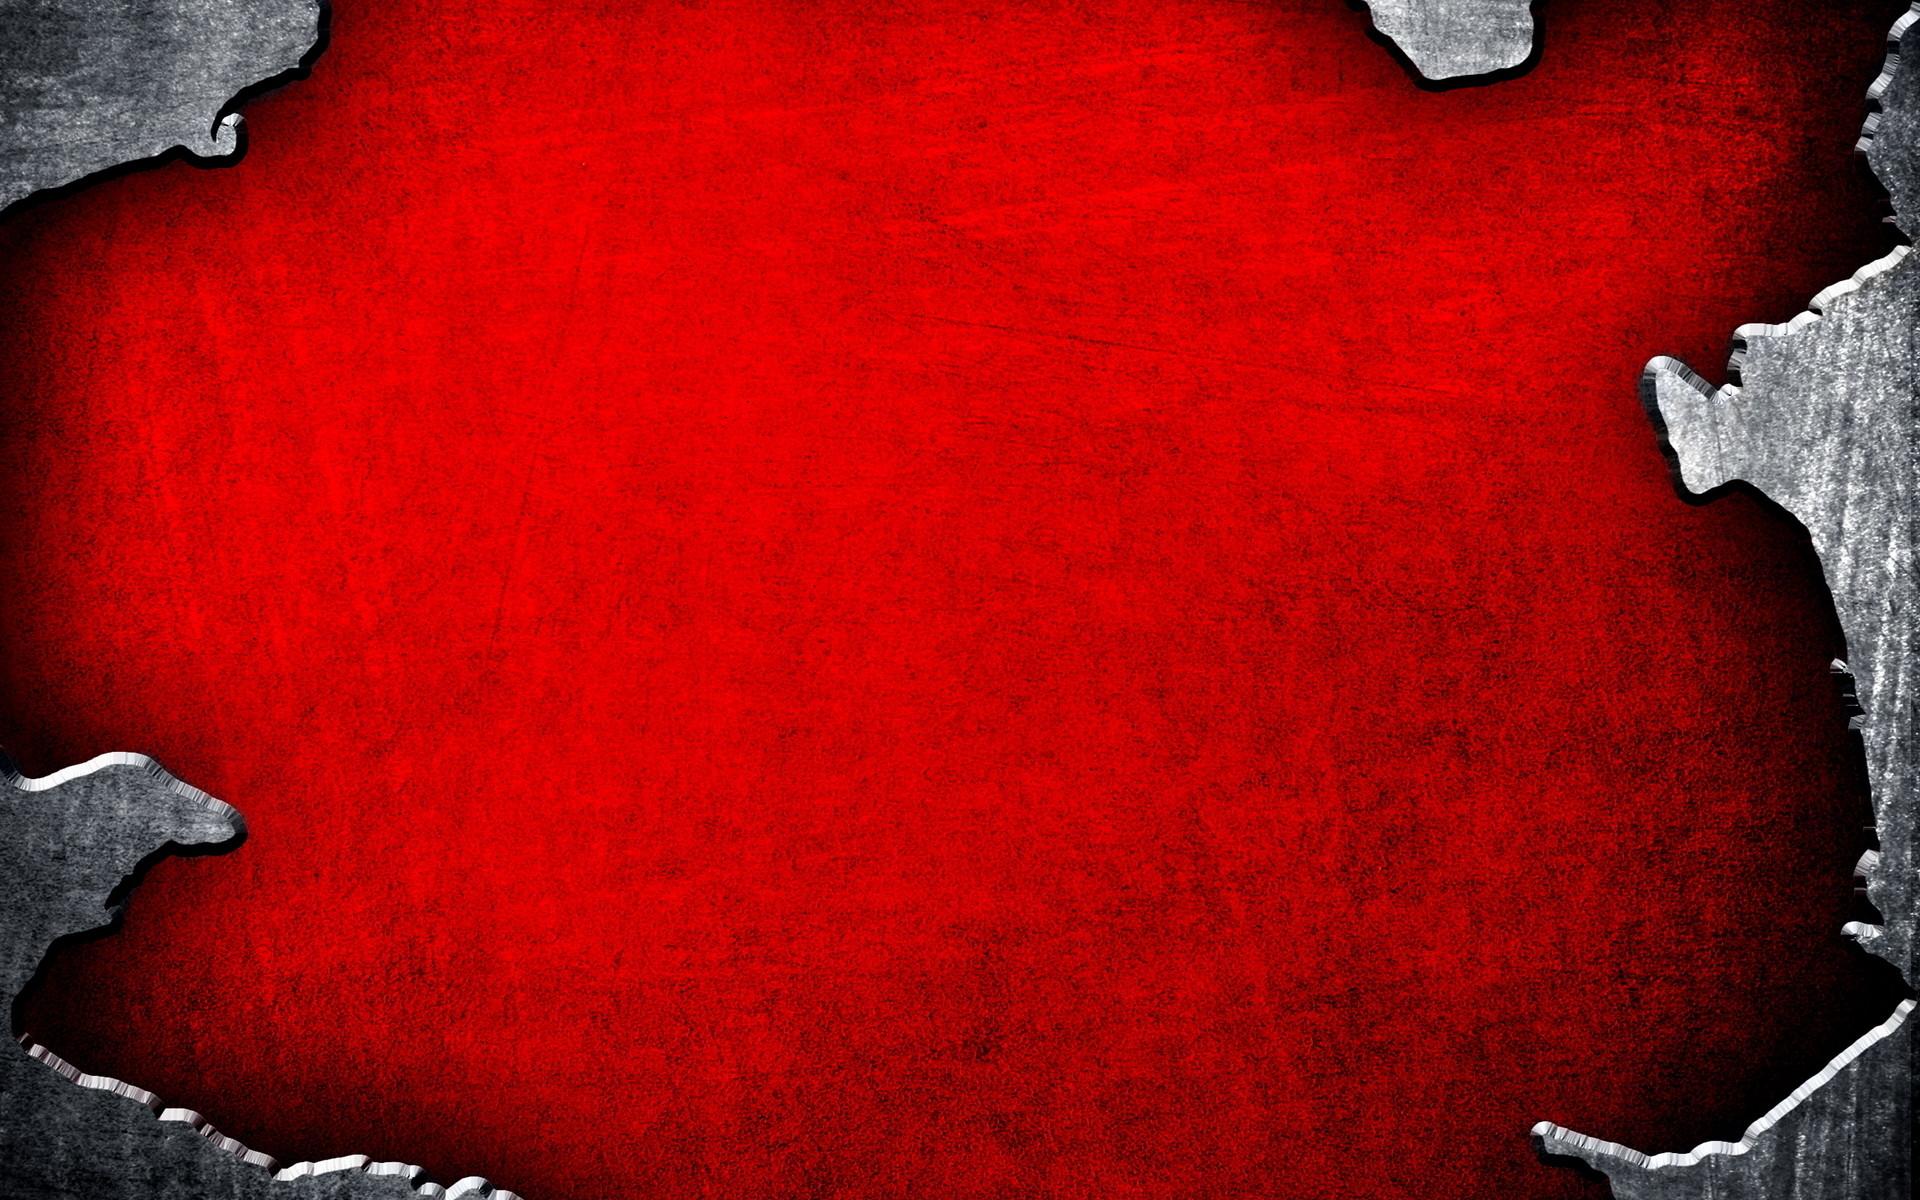 Download wallpaper texture background red metallic free desktop .